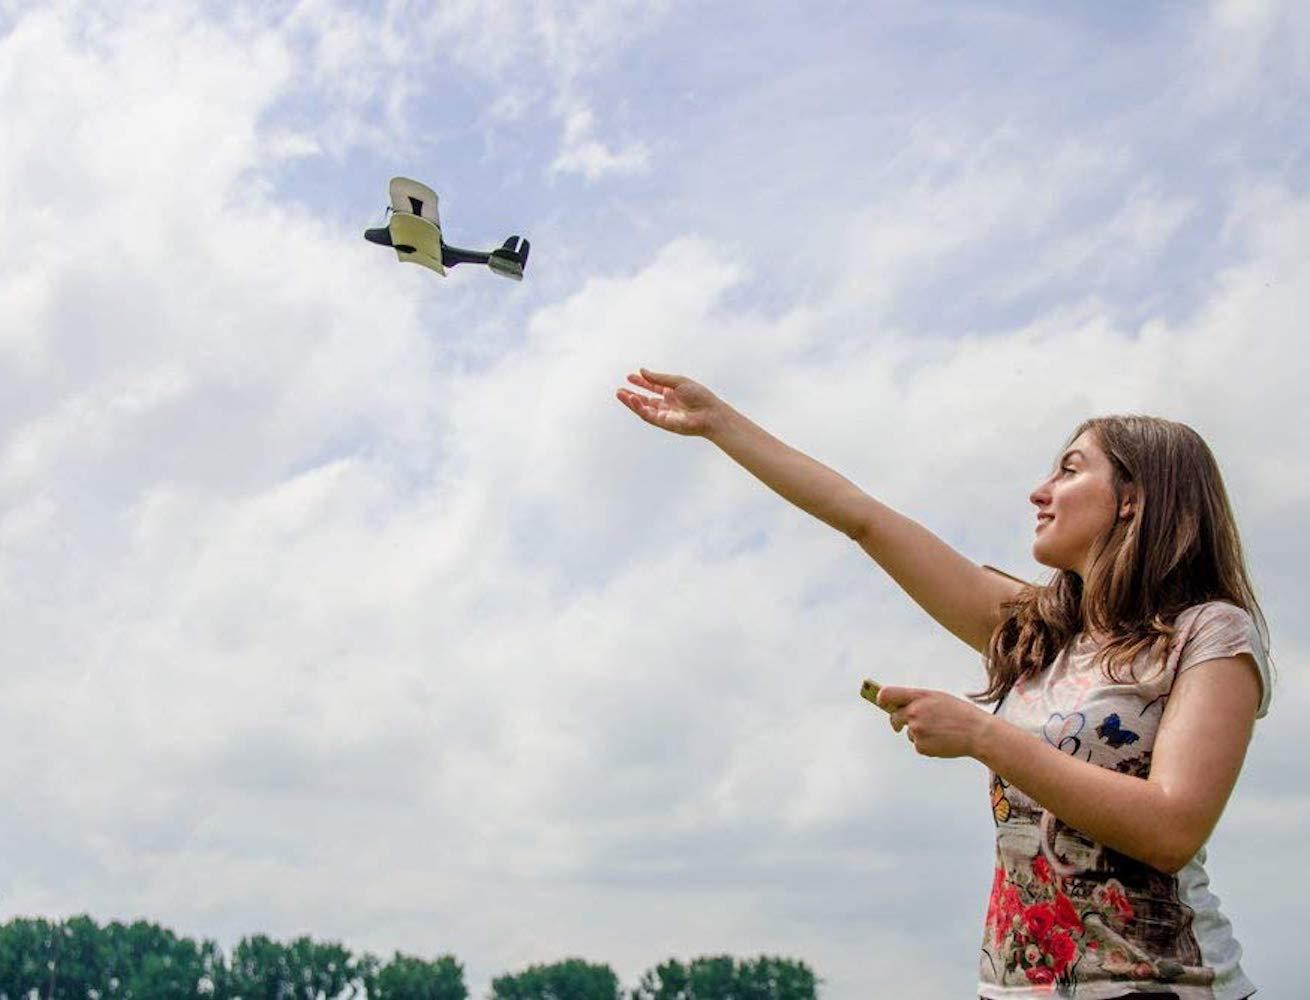 Moskito Remote Controlled Plane